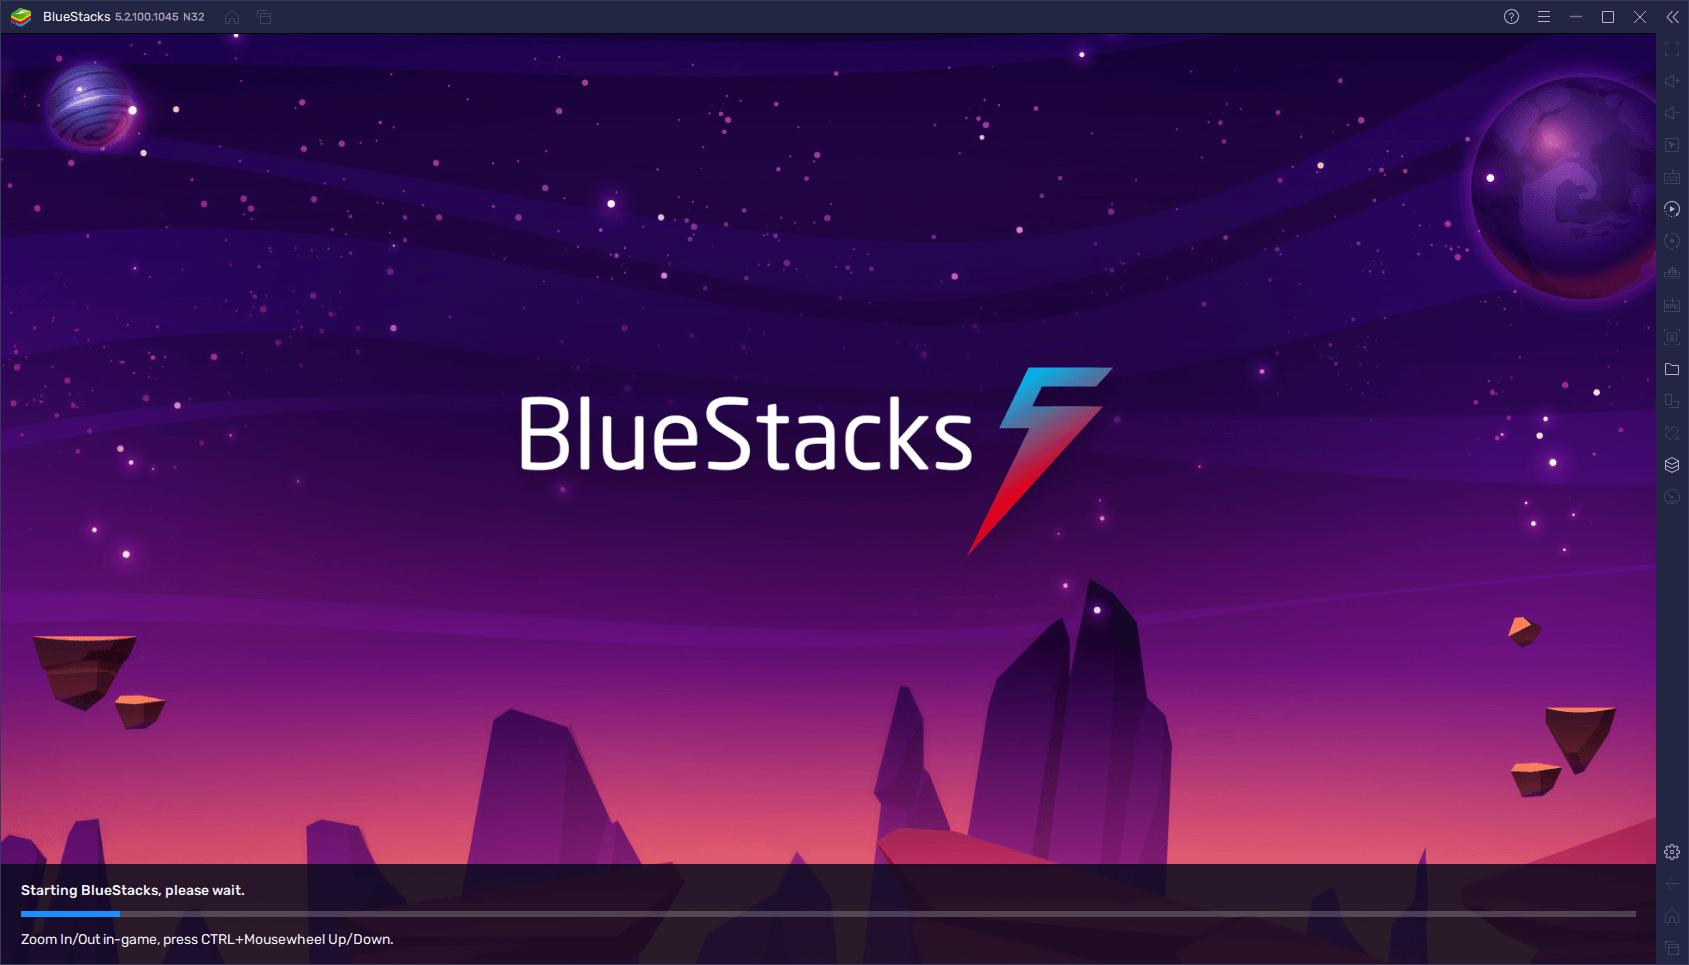 Поддержка Android 9 в новой версии BlueStacks 5: доступ к дополненной библиотеке мобильных игр официально открыт!